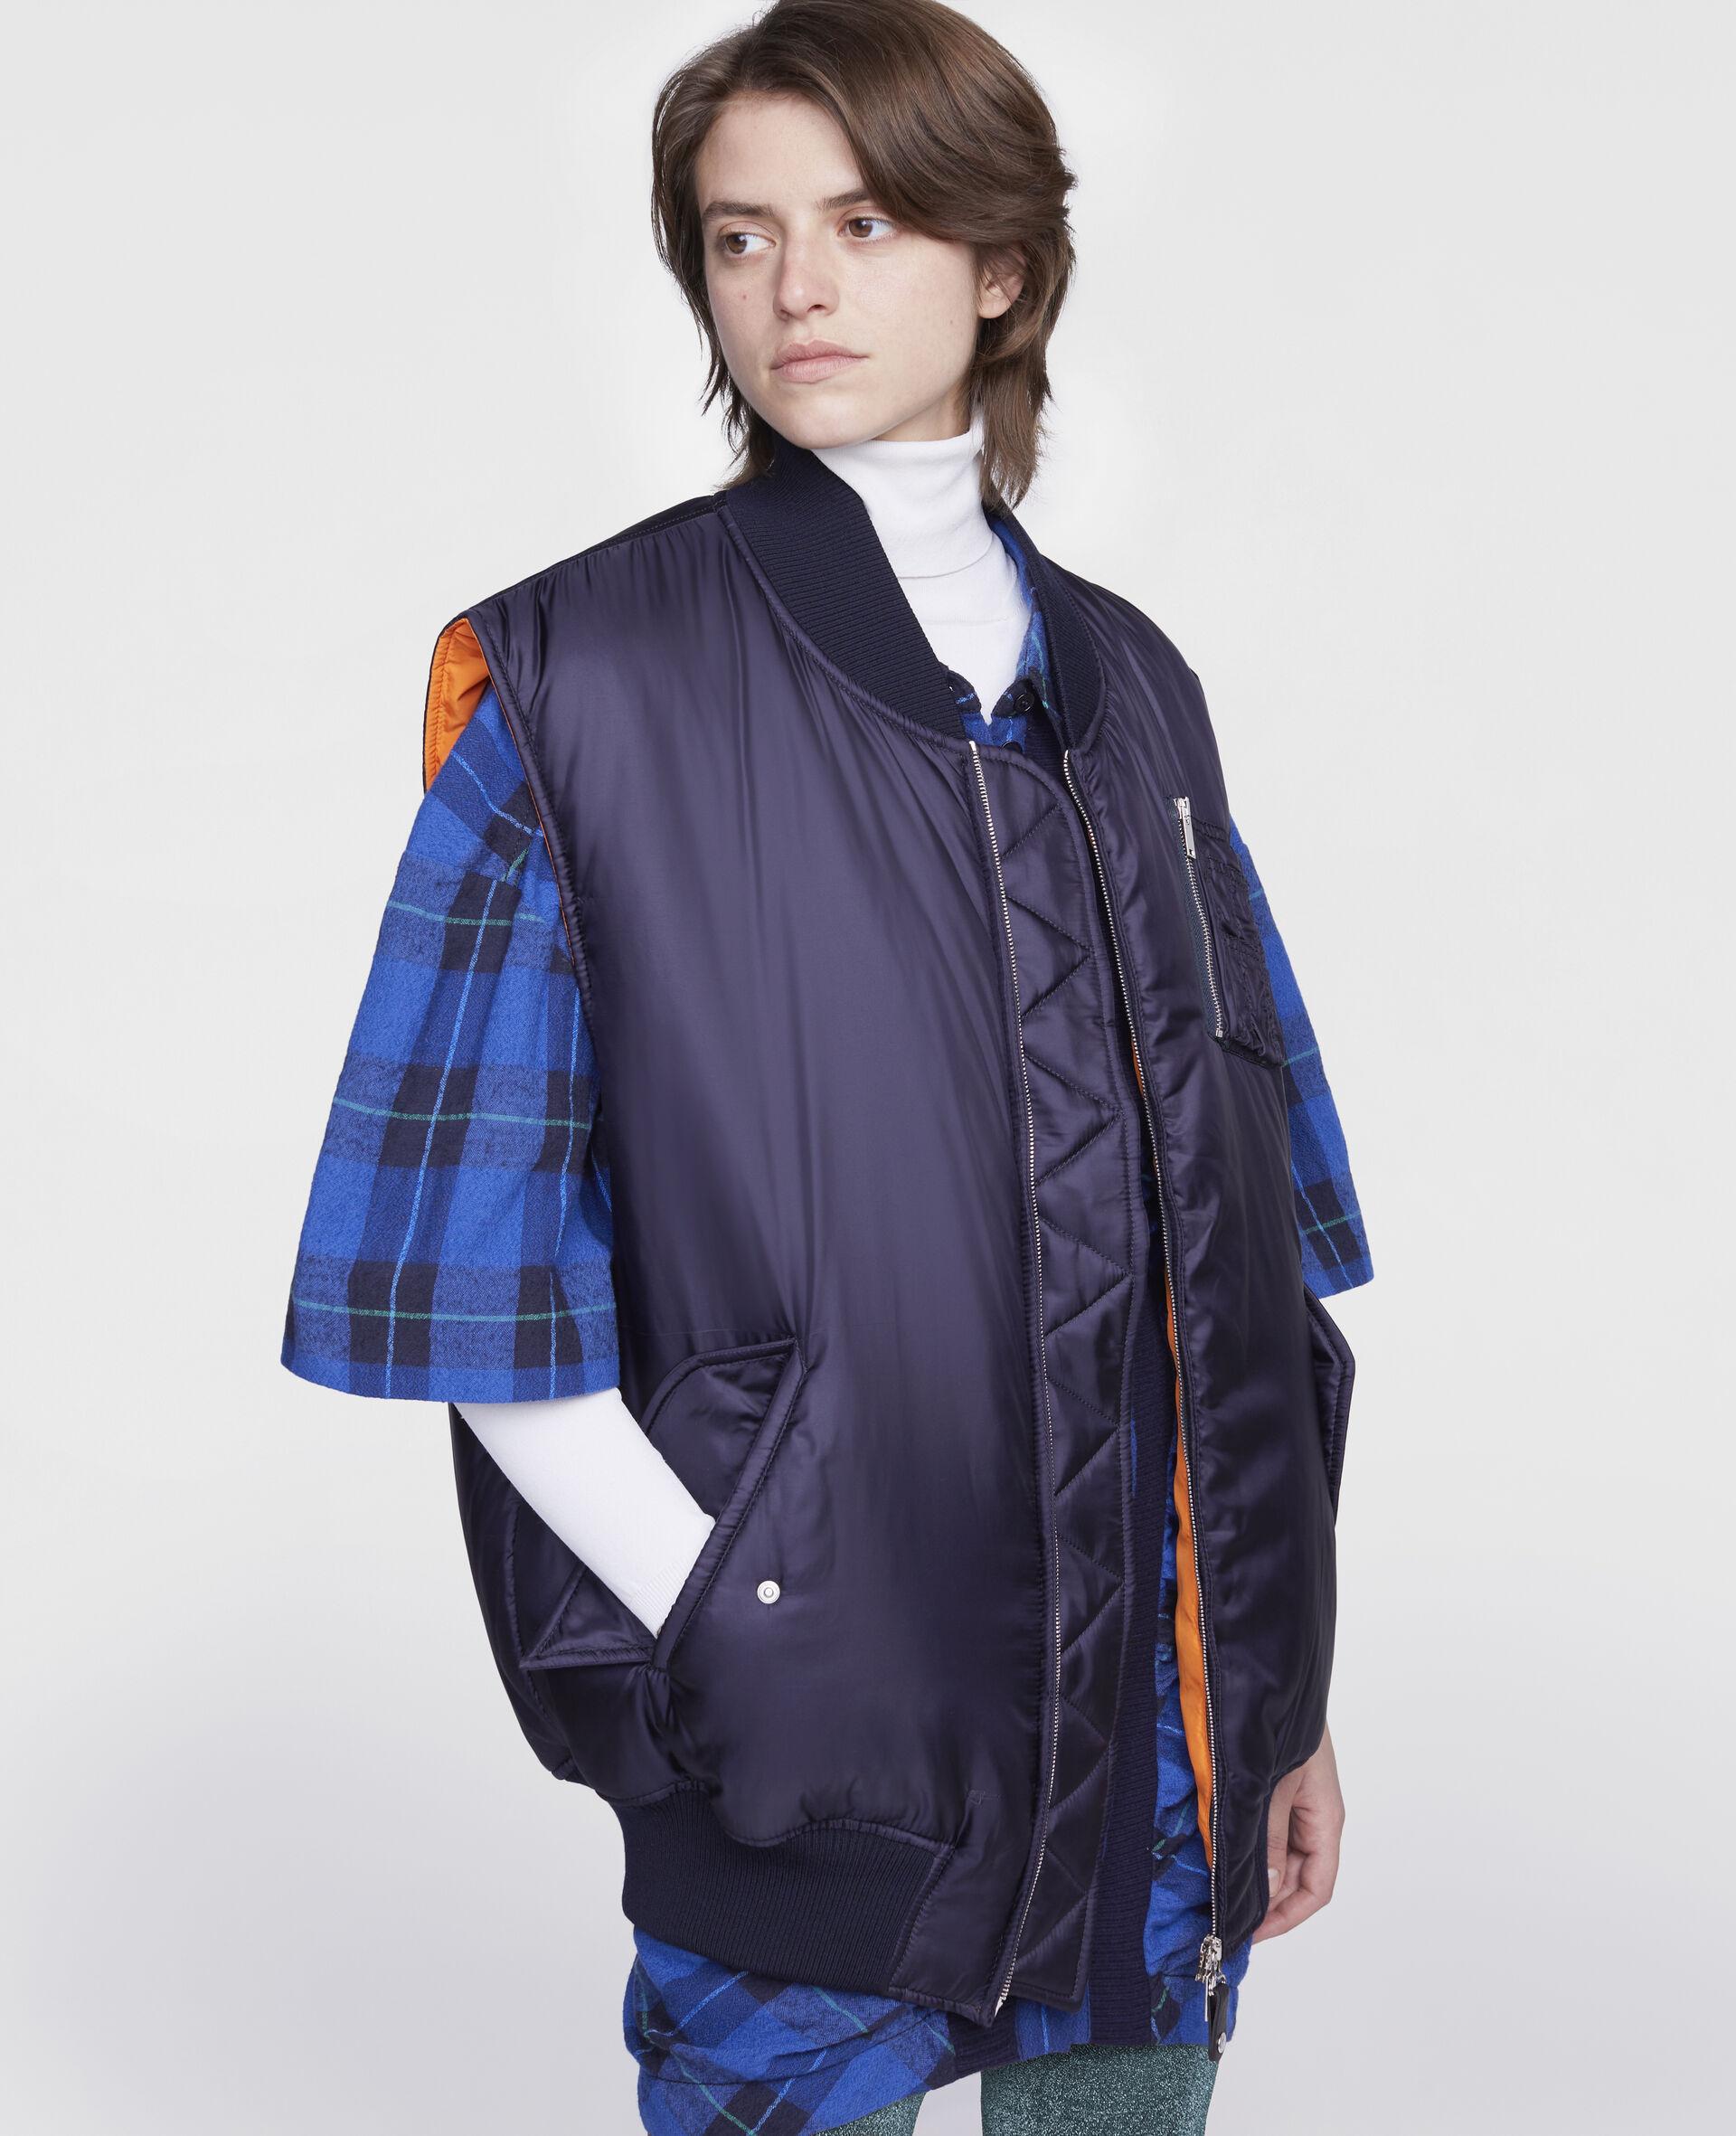 Madora Sleeveless Jacket-Blue-large image number 3